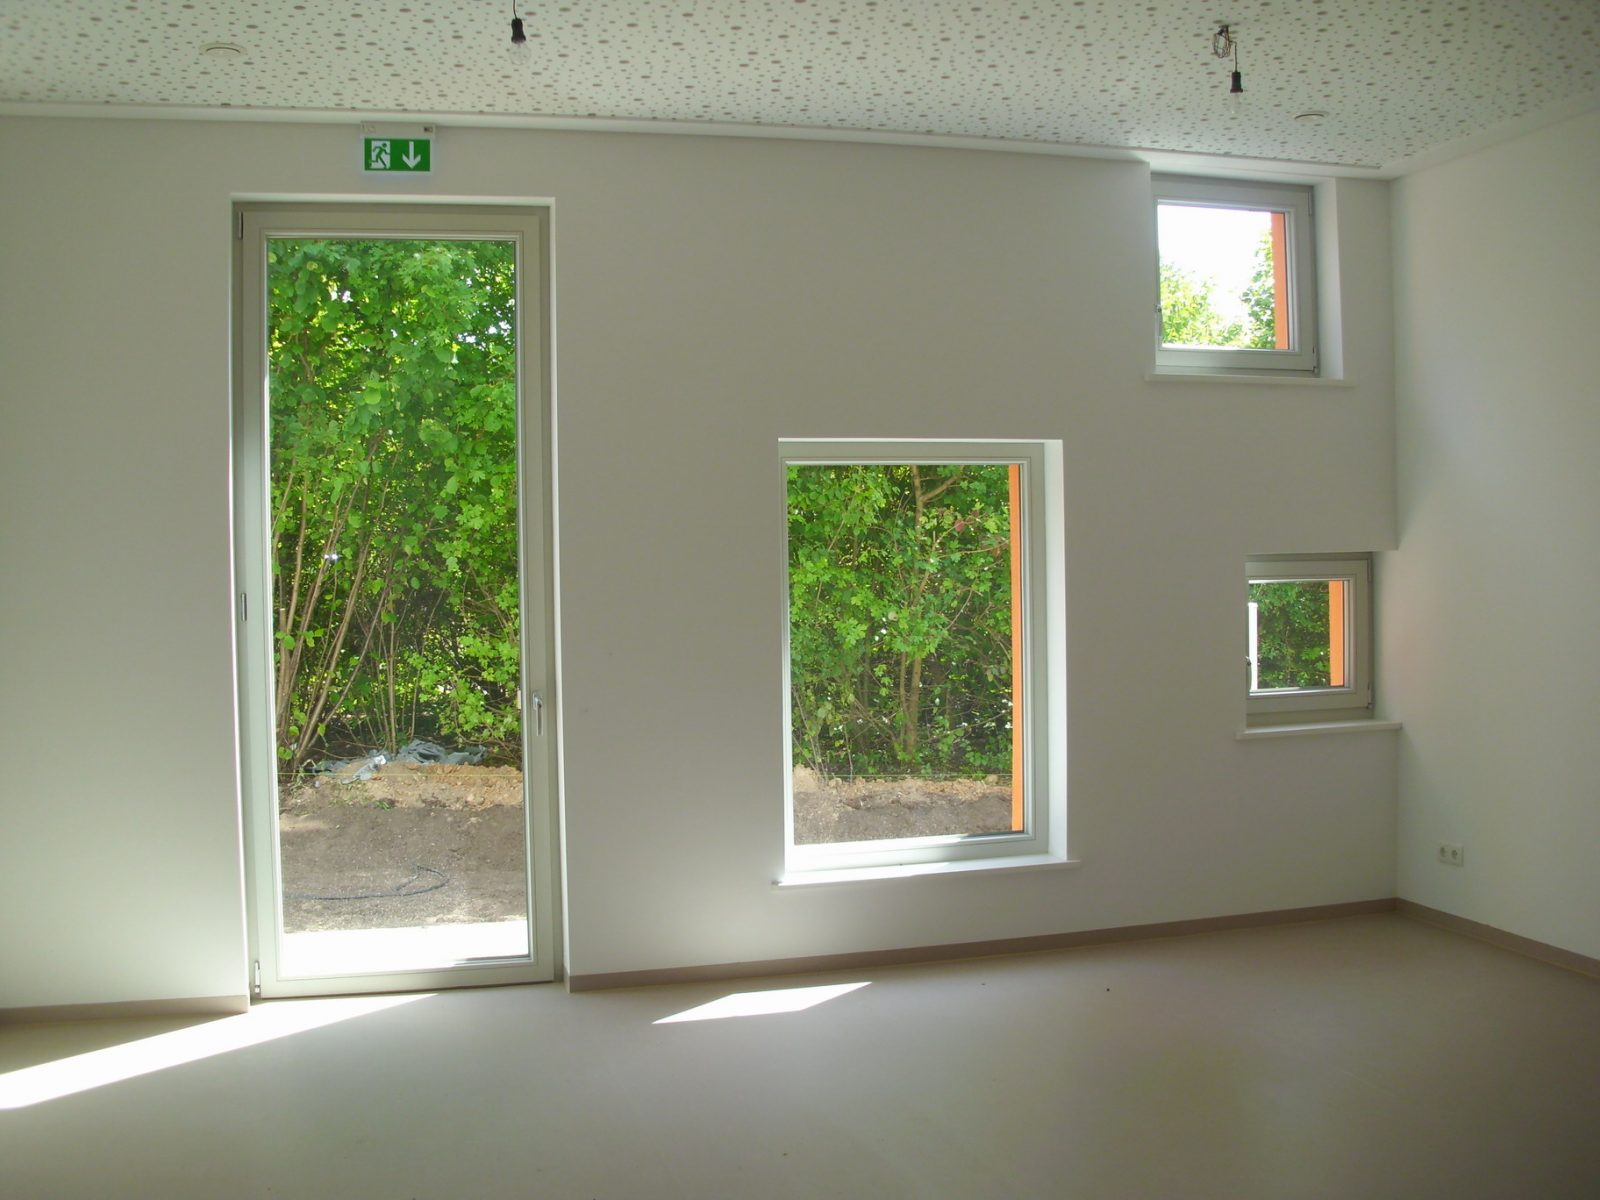 Fensterwand Kindertagesstätte – Neubau Gartenstadt Falkenberg I